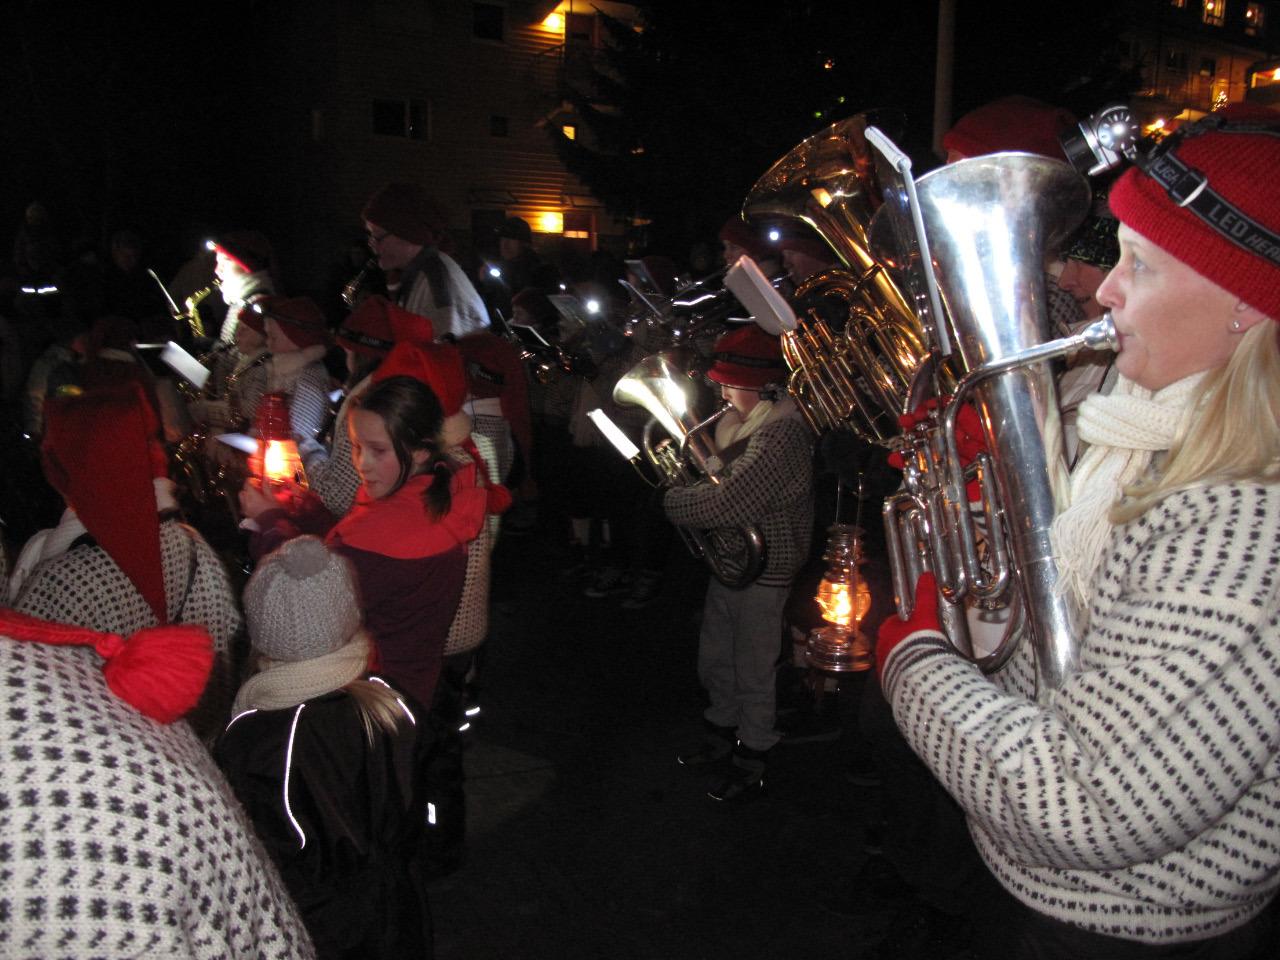 Julegrantenning på Casinetto, julen 2012